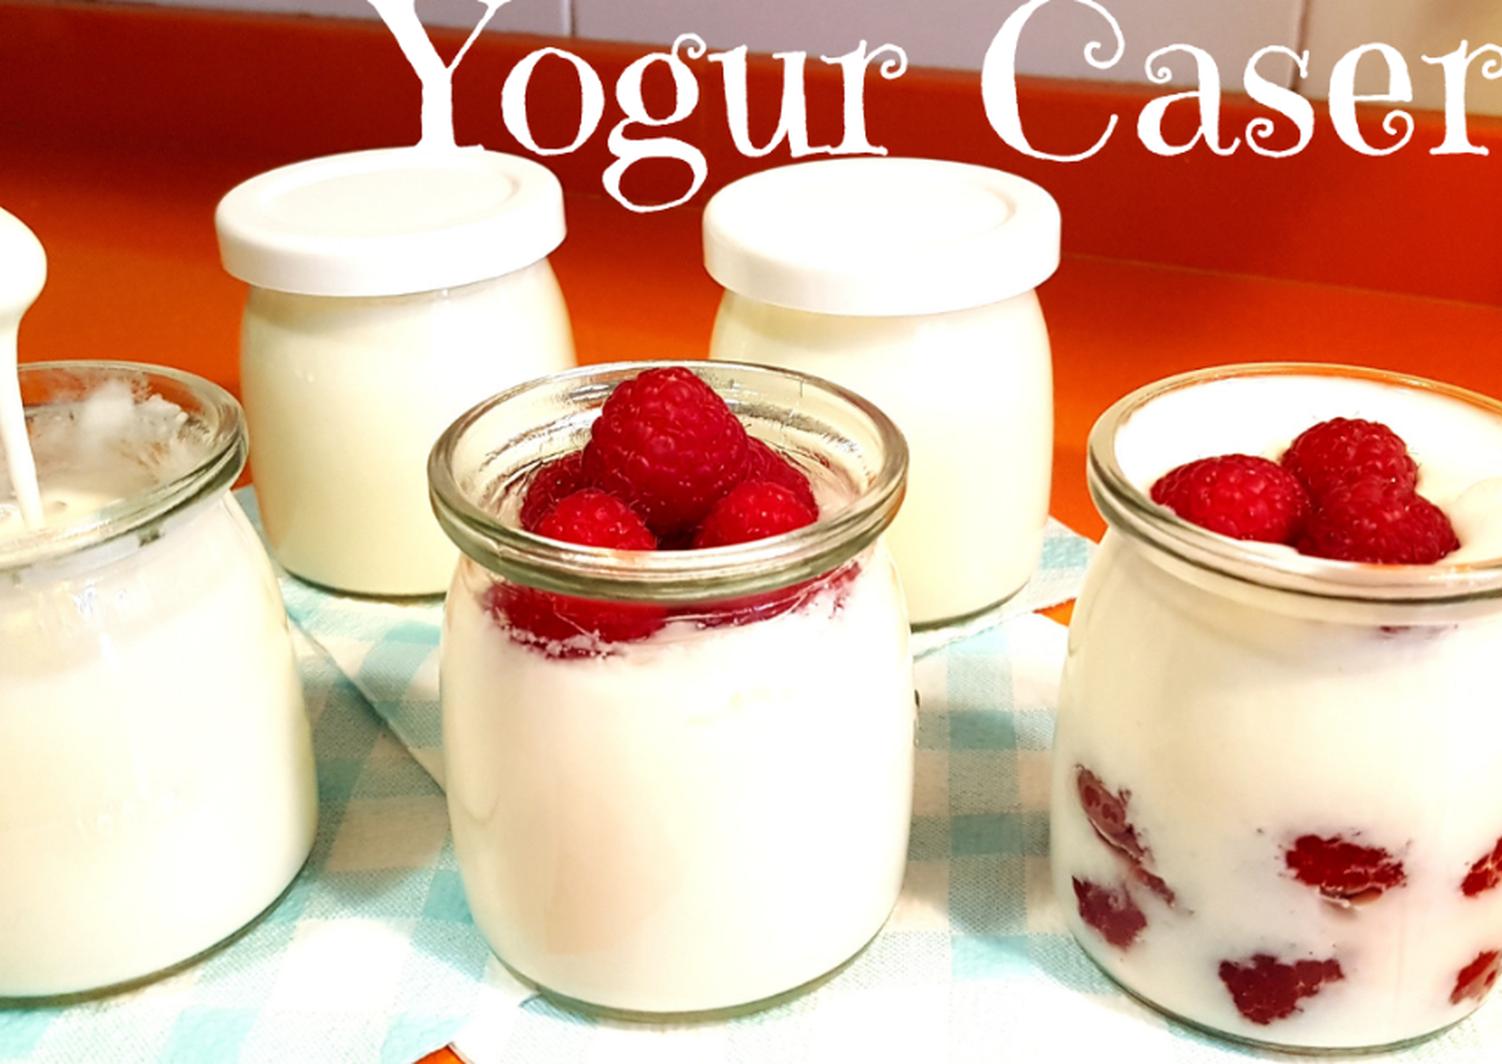 Como Hacer Yogur Casero En Yogurtera Receta De Rebeca De My House Land Receta Como Hacer Yogur Casero Yogur Casero Yogurt Casero